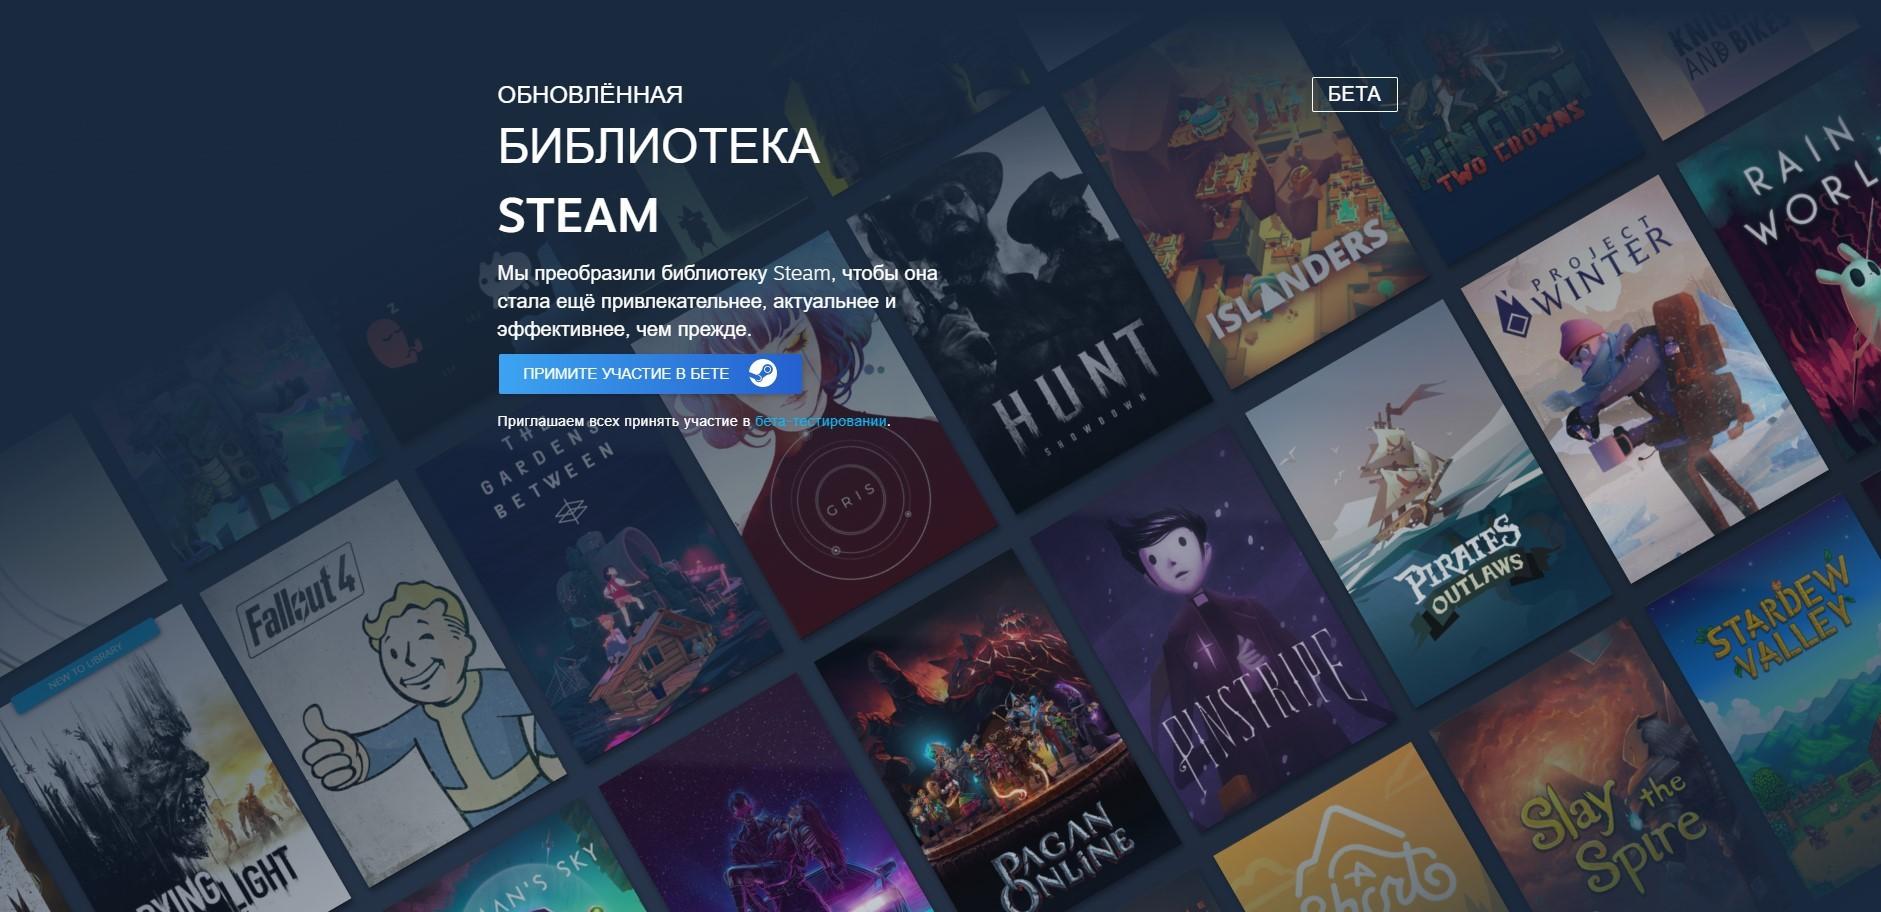 Valve начала публичное тестирование новой библиотеки Steam